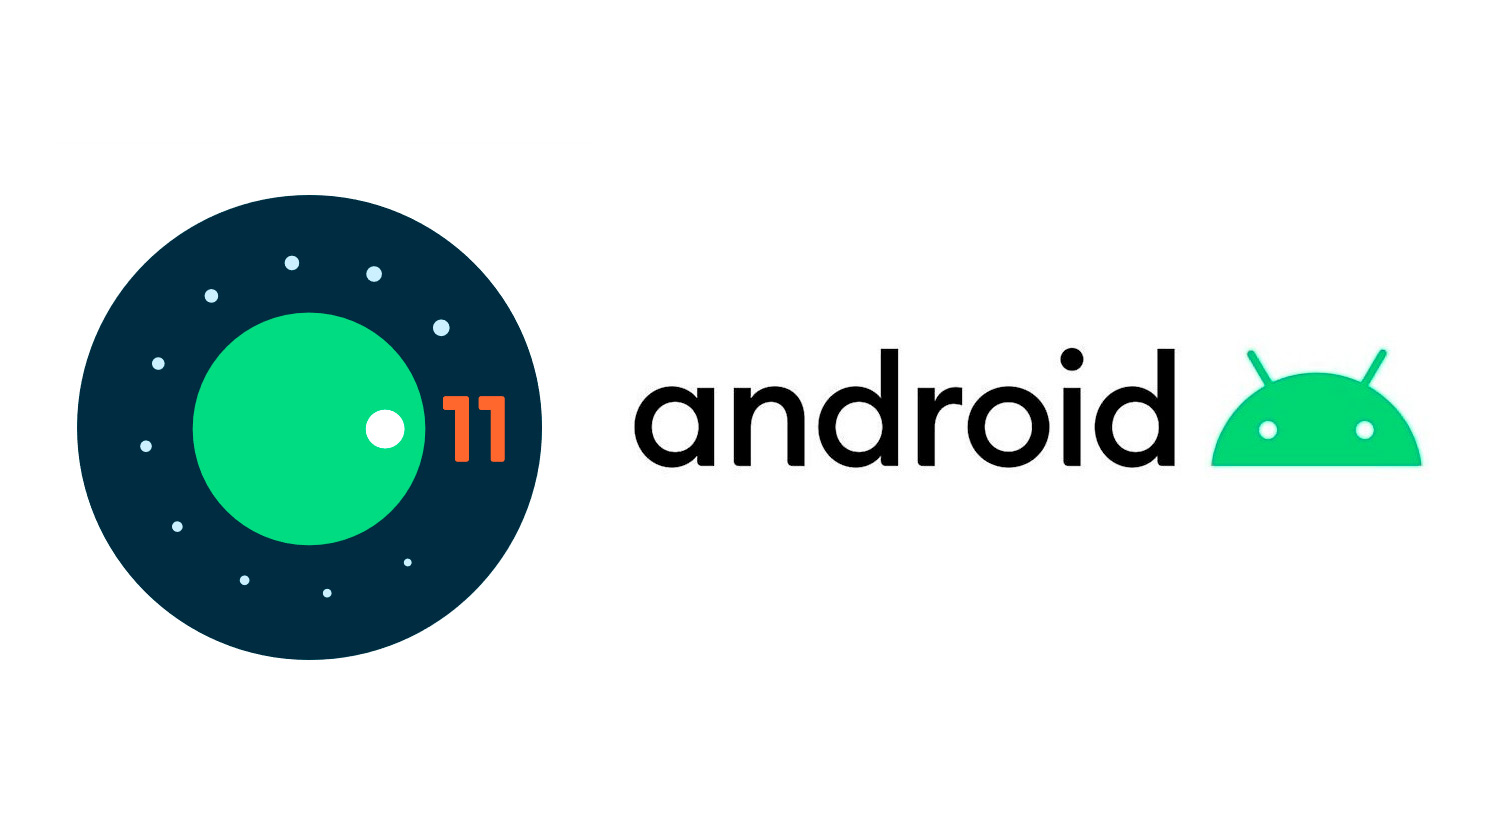 Google retrasa la presentación de Android 11, prevista para este miércoles